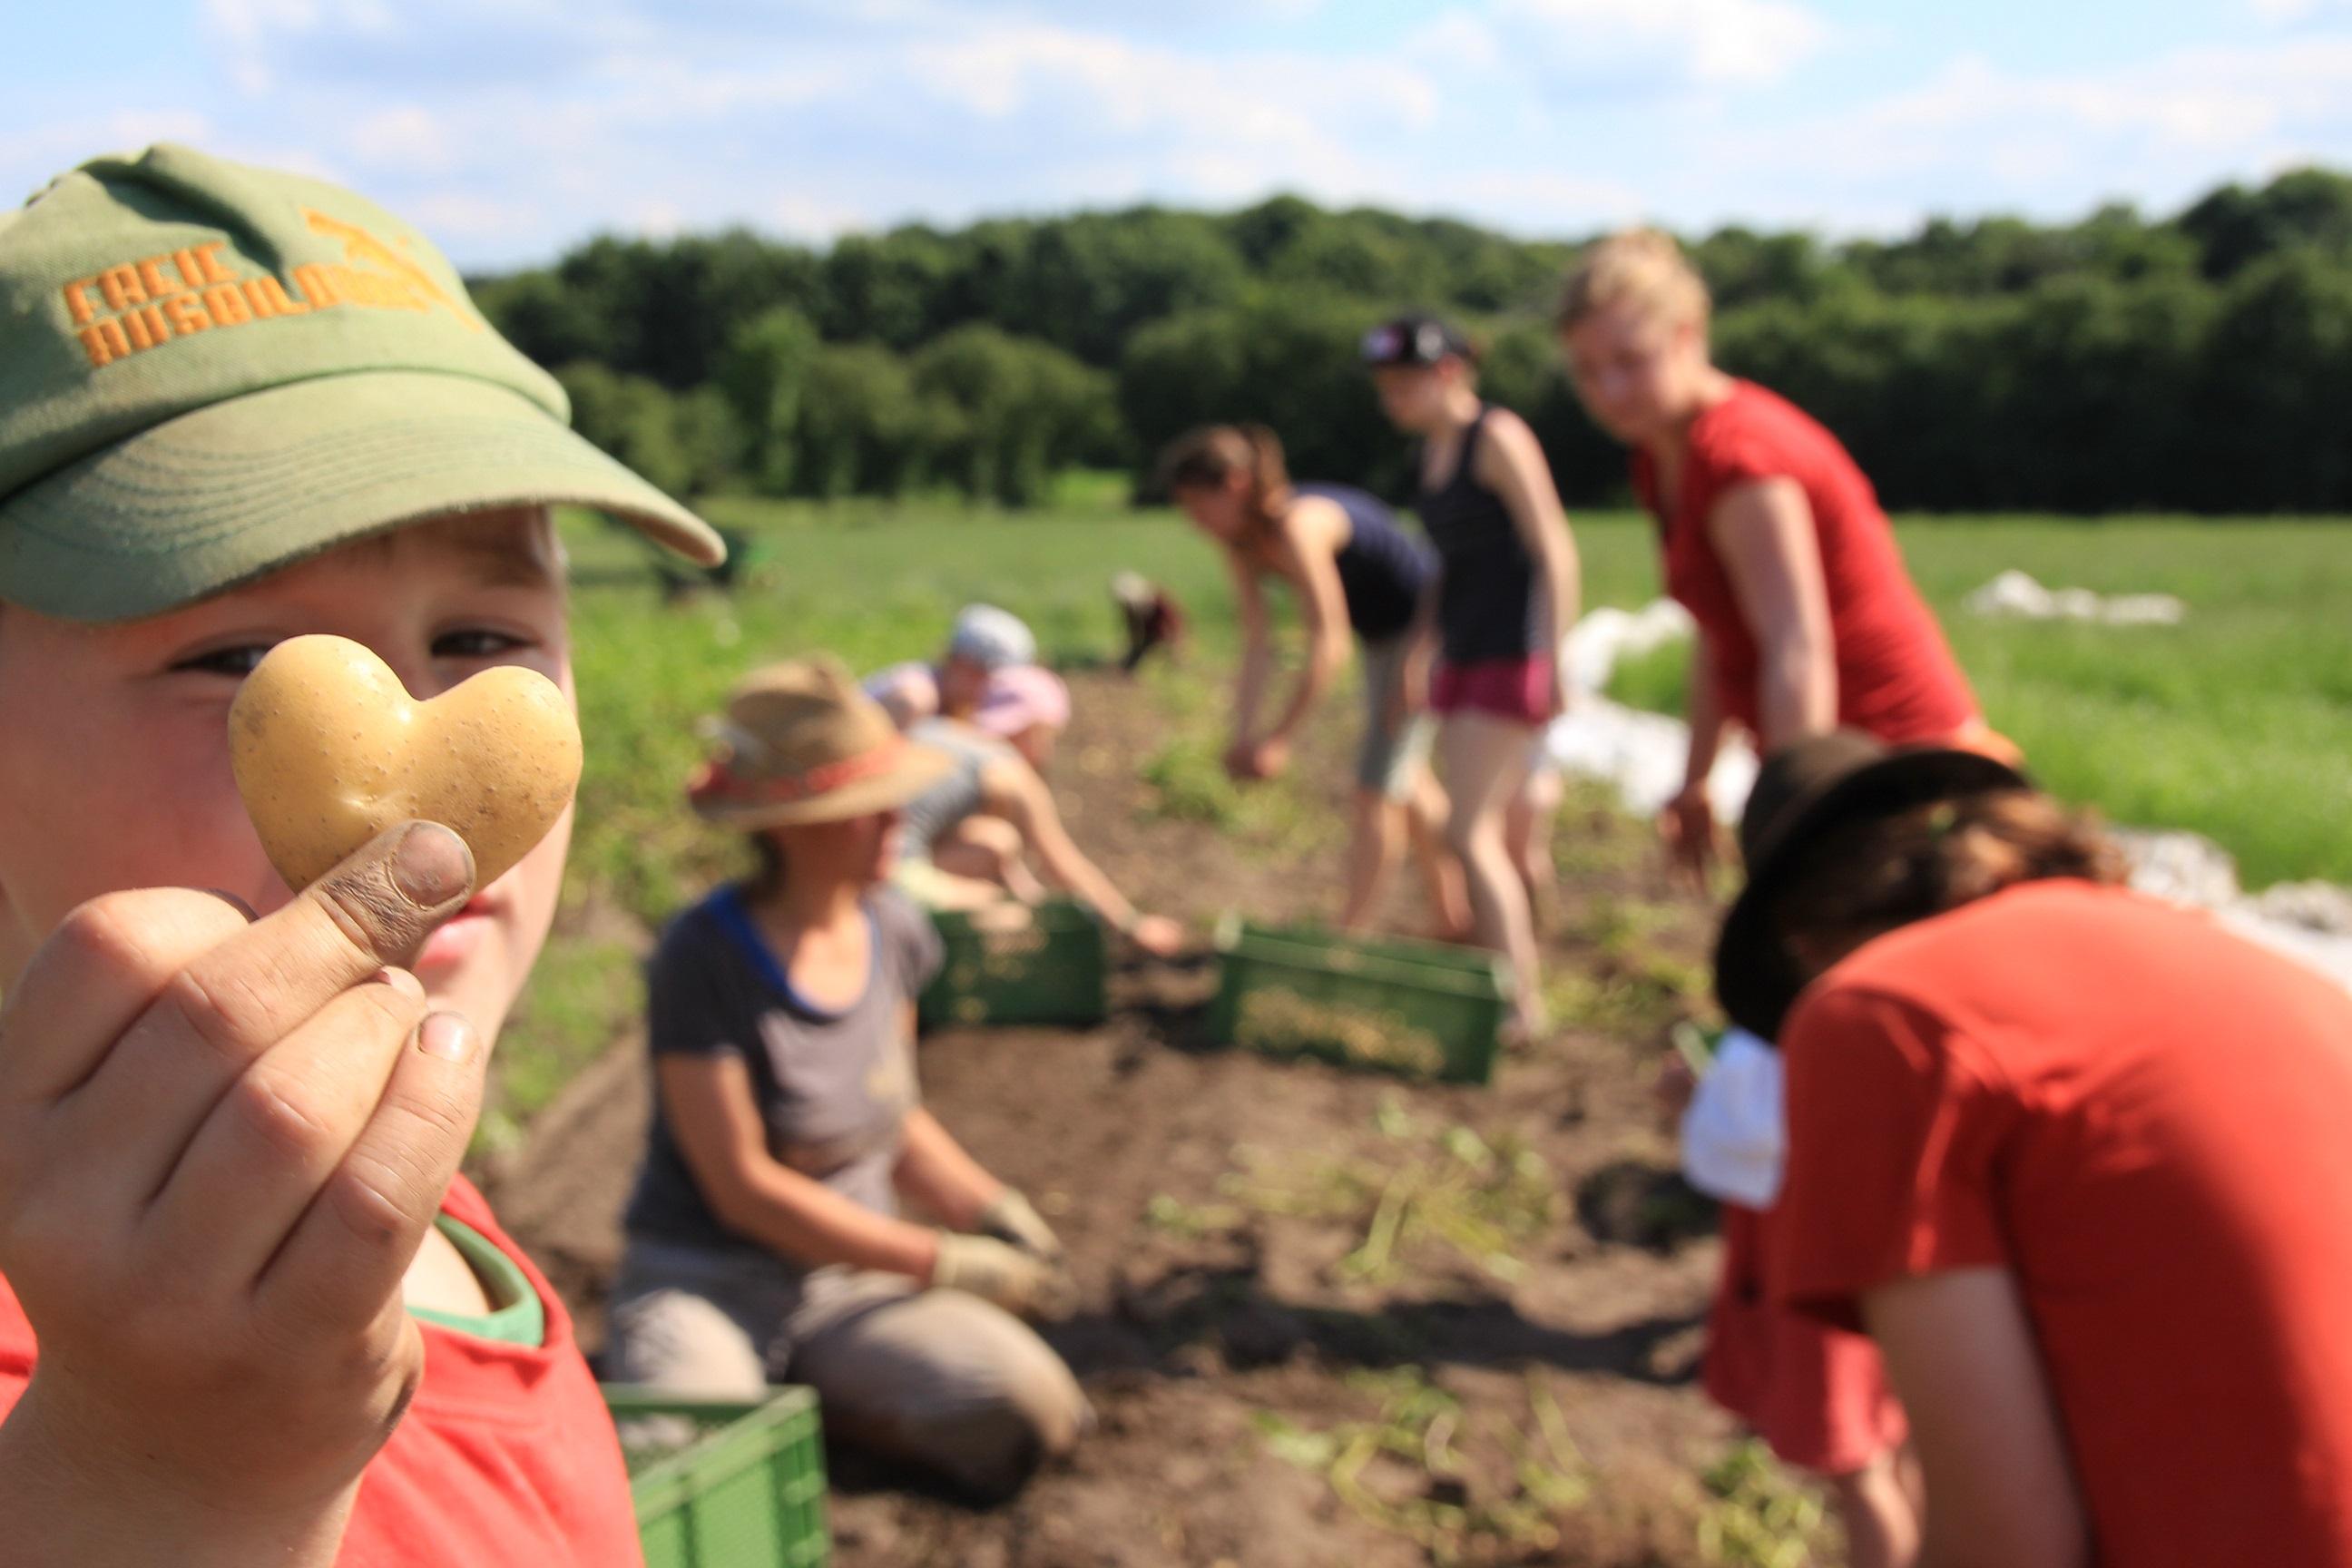 Raus aus dem Klassenzimmer und ab auf den Bauernhof: Lernen an einem außerschulischen Ort ermöglicht Schülern und Schülerinnen einen Praxisbezug.